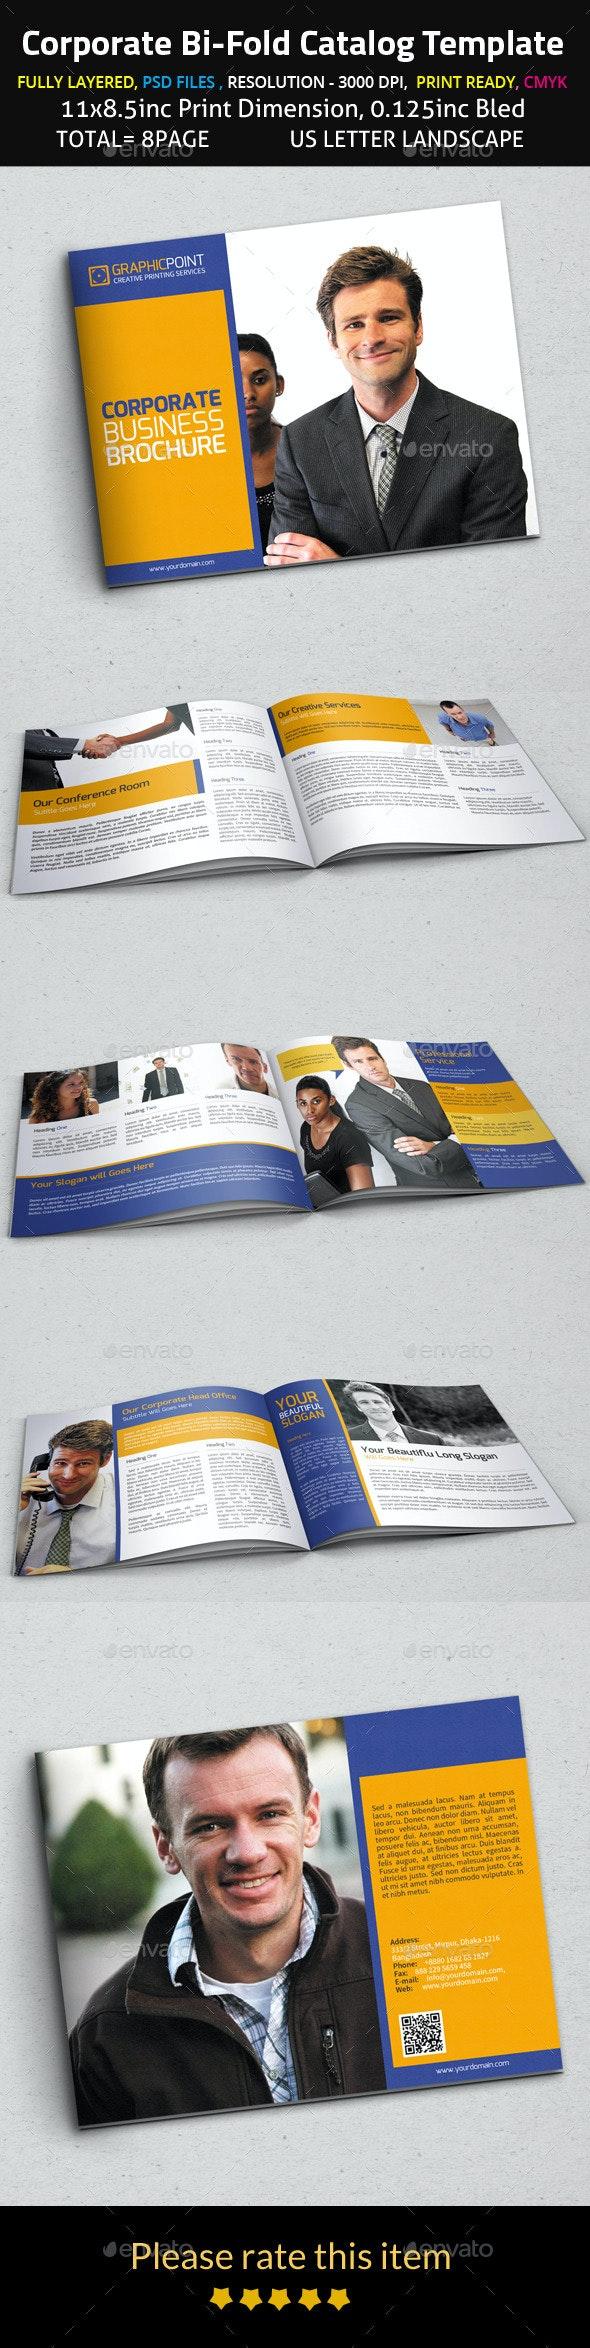 Corporate Bi-Fold Catalog Template - Corporate Brochures